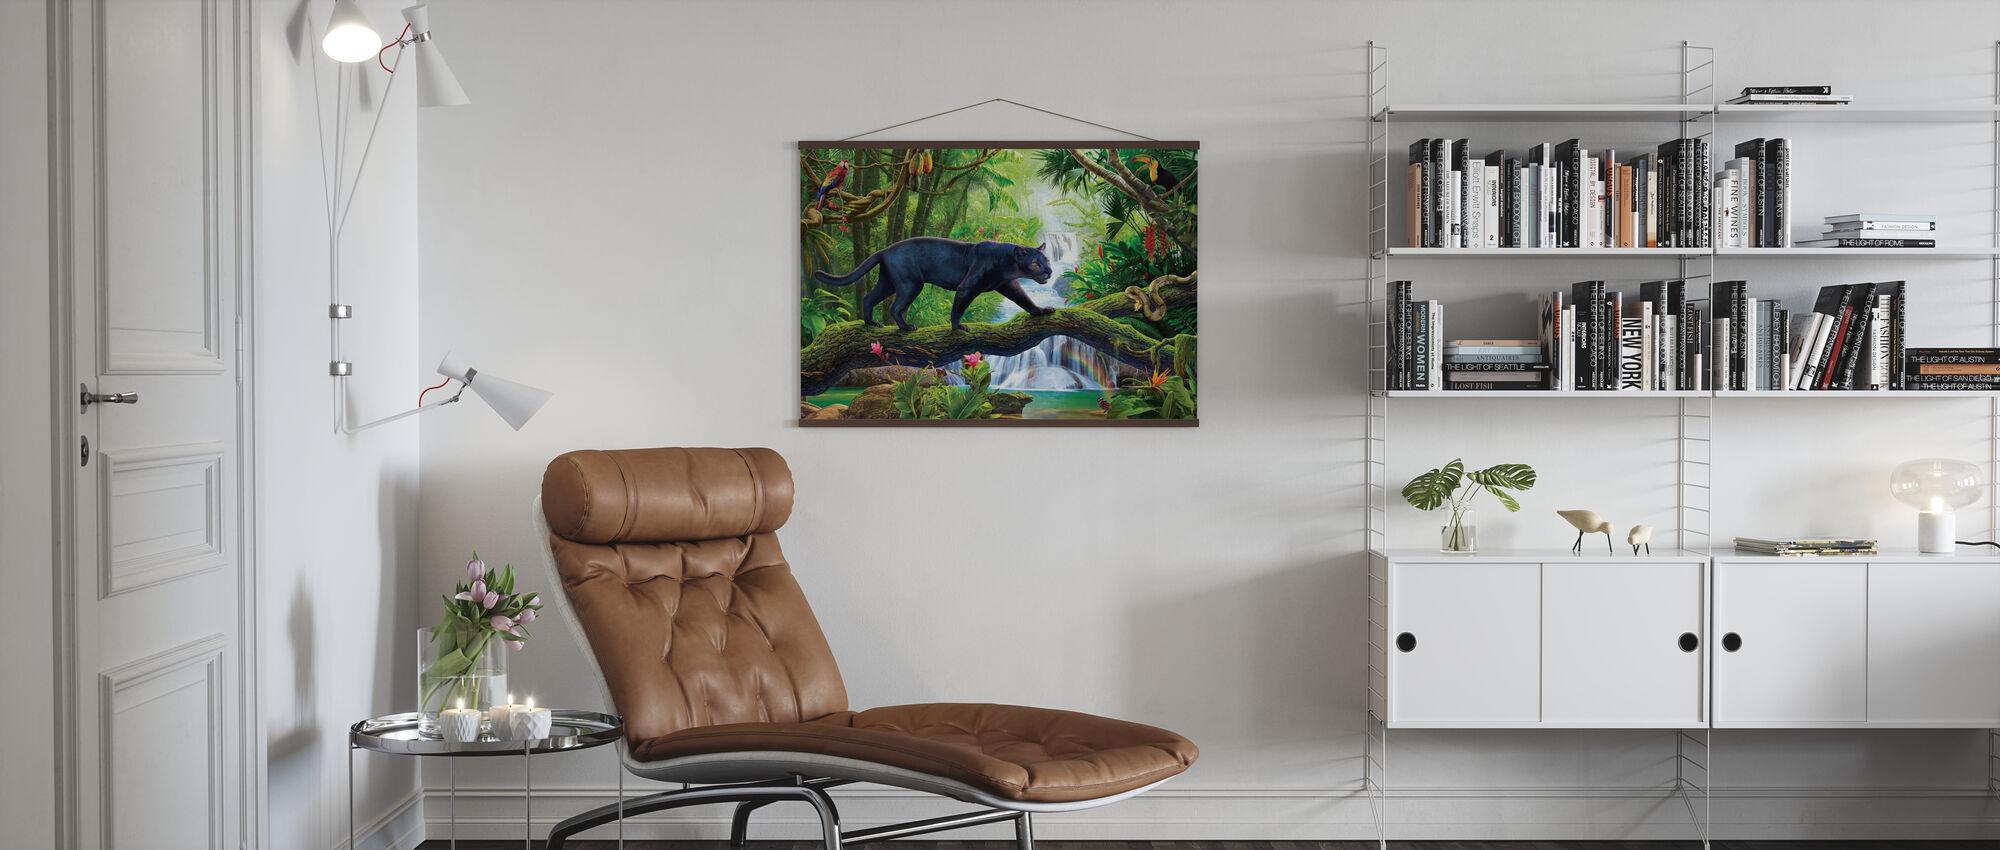 Panther im Dschungel - Poster - Wohnzimmer